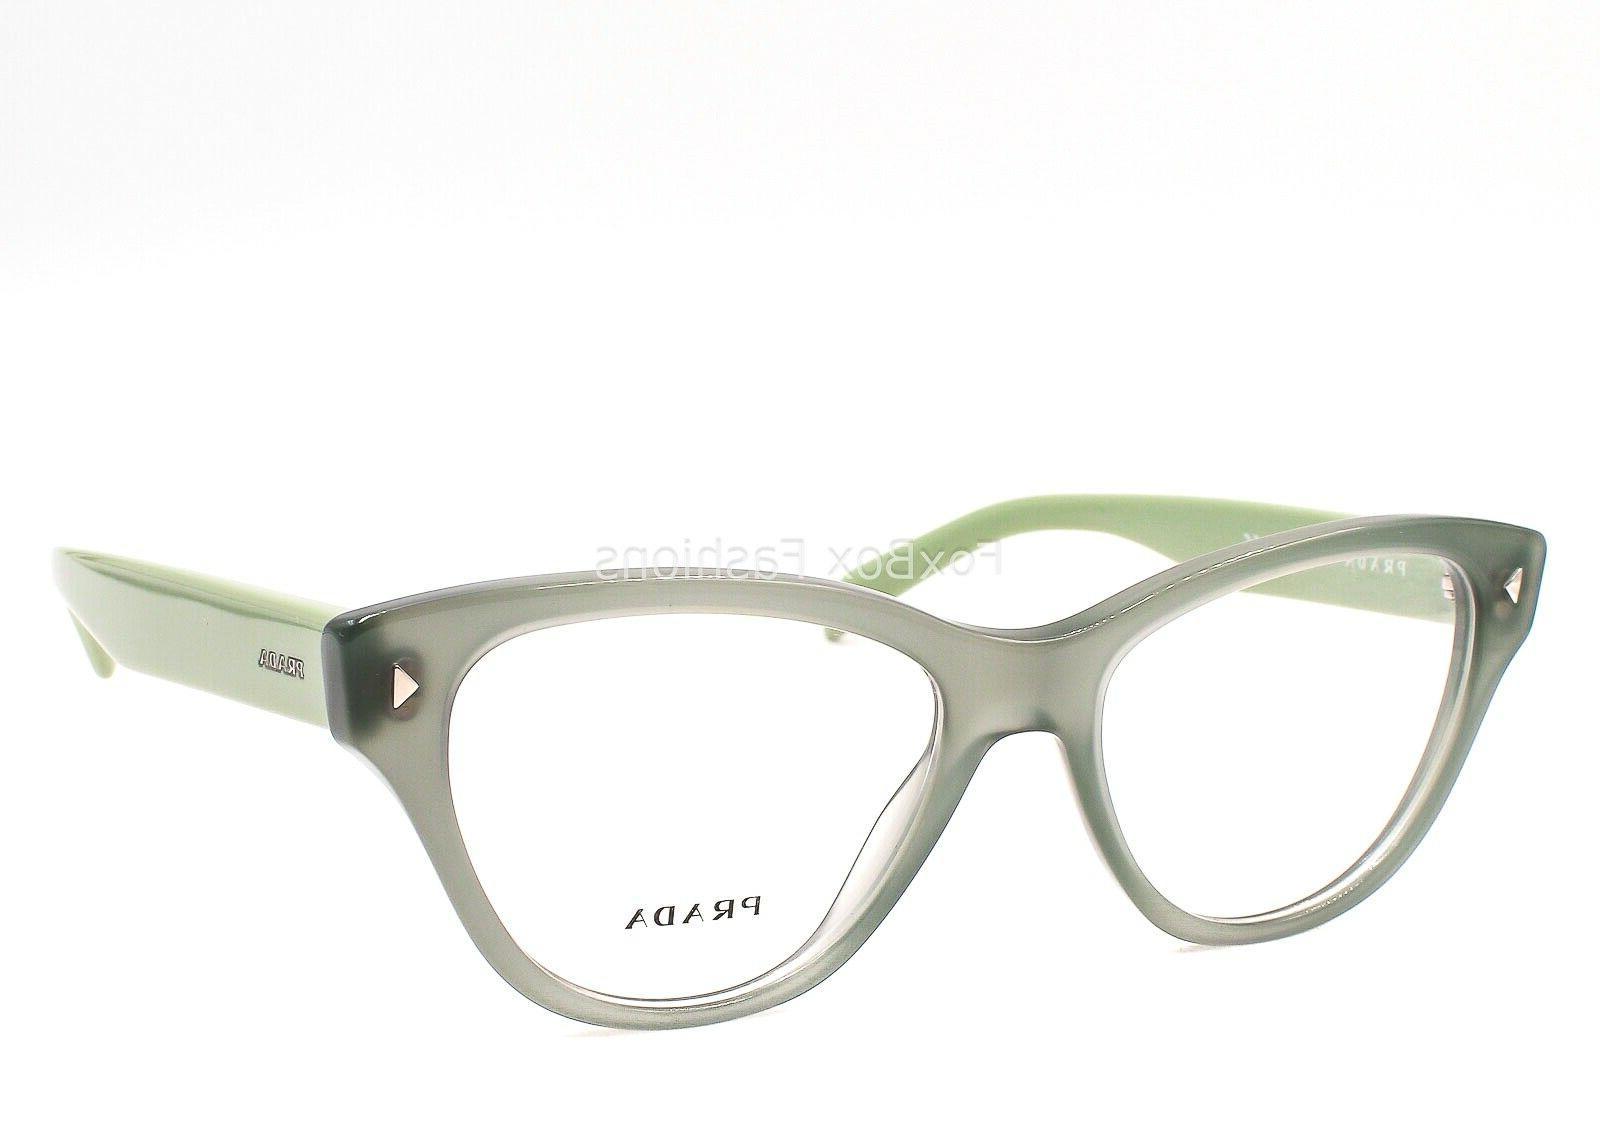 vpr 23s uei 1o1 eyeglasses optical frames